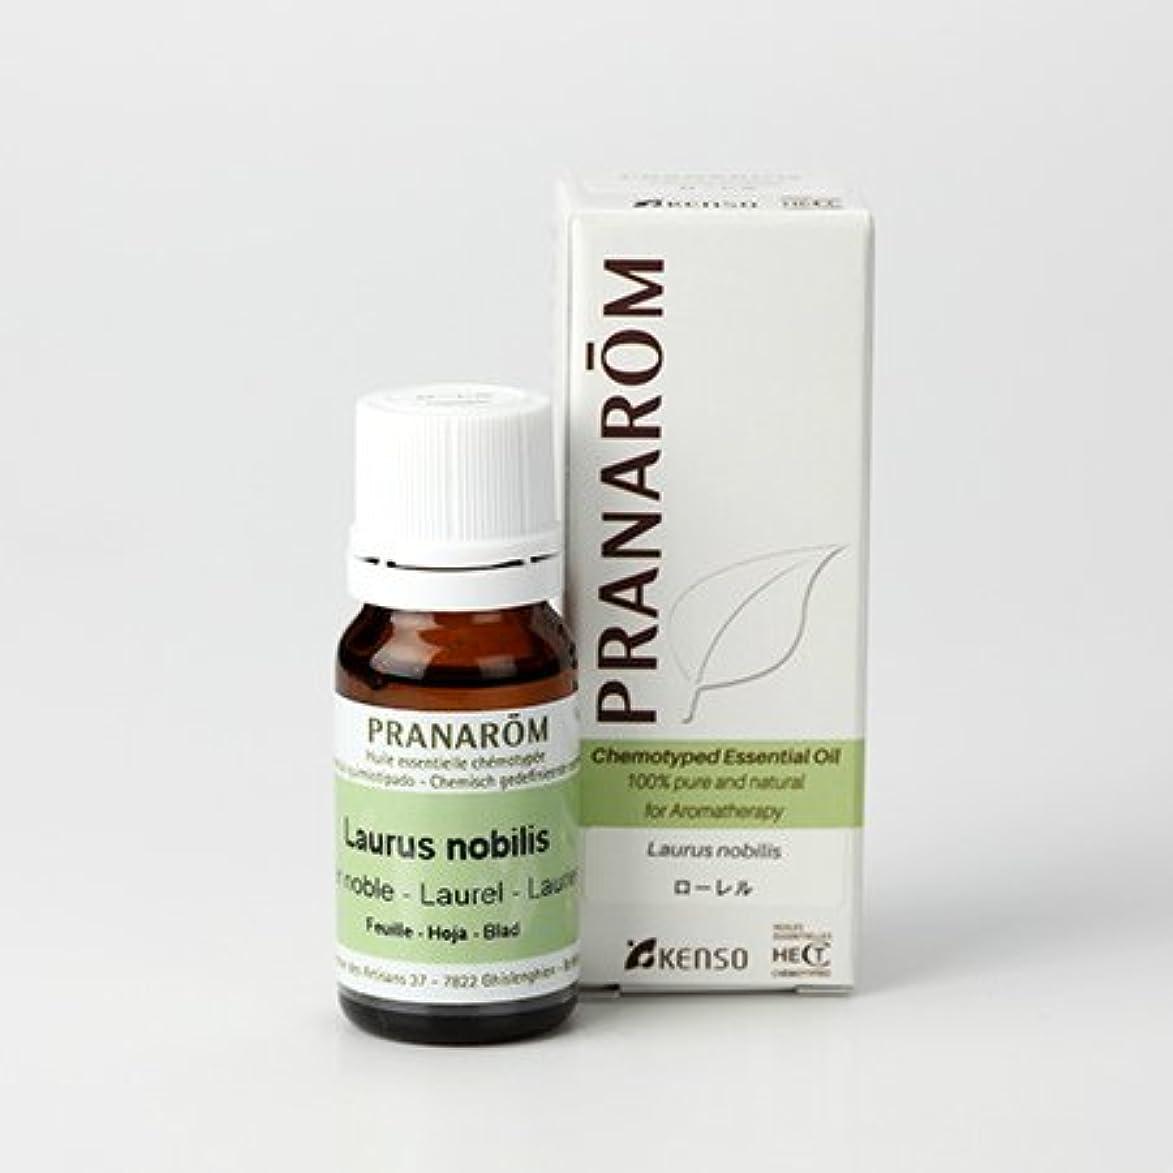 団結するカブ突っ込むプラナロム ローレル 10ml (PRANAROM ケモタイプ精油)